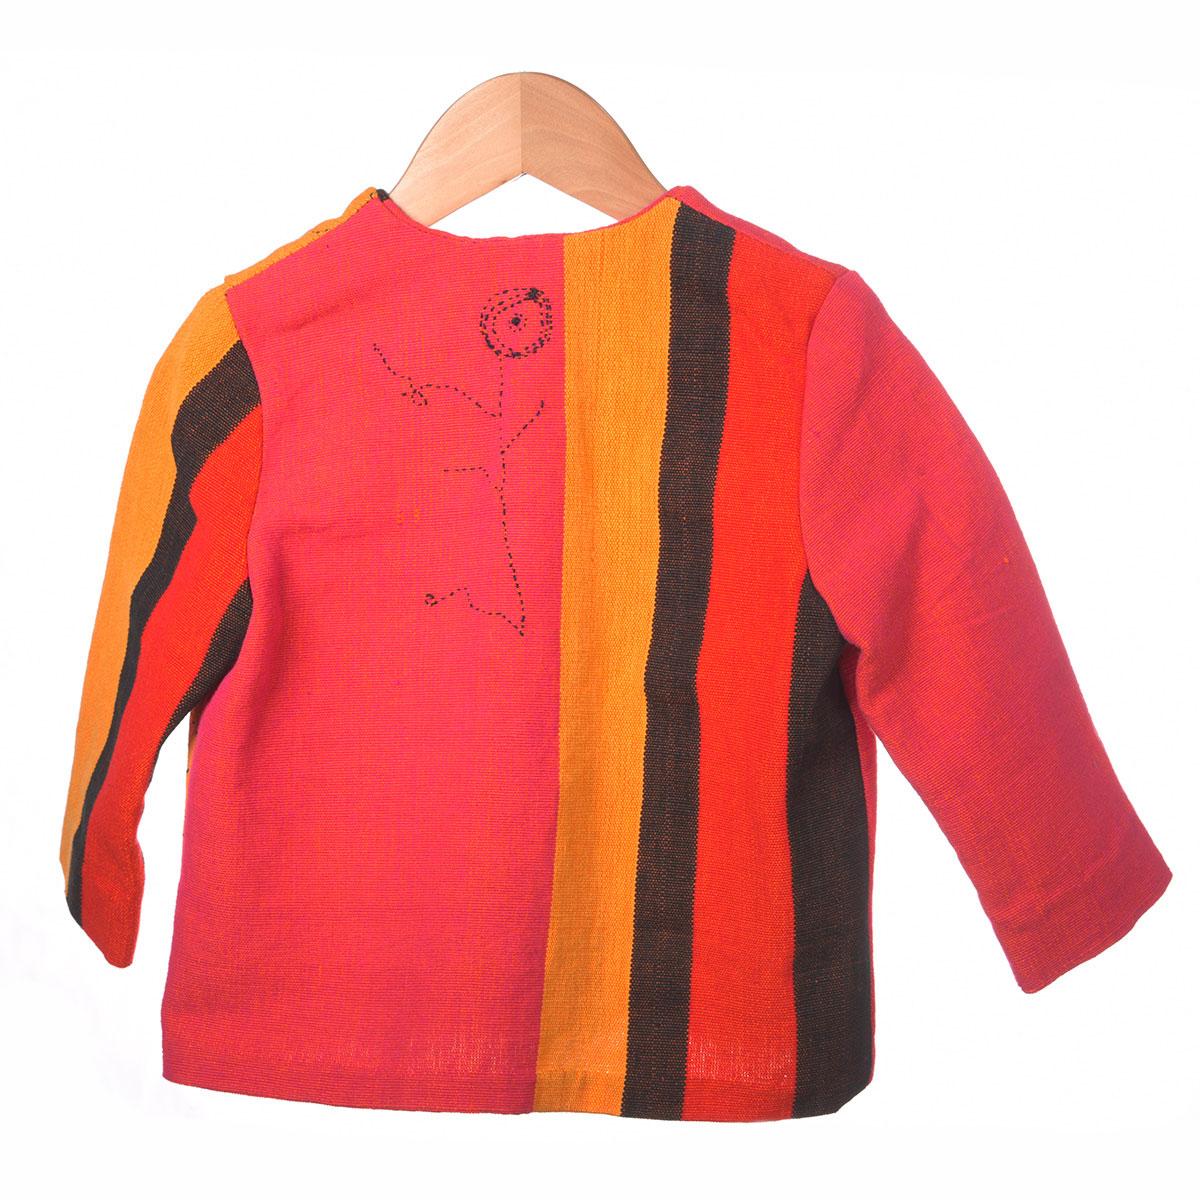 rood oranje jasje donker borduursel achterzijde